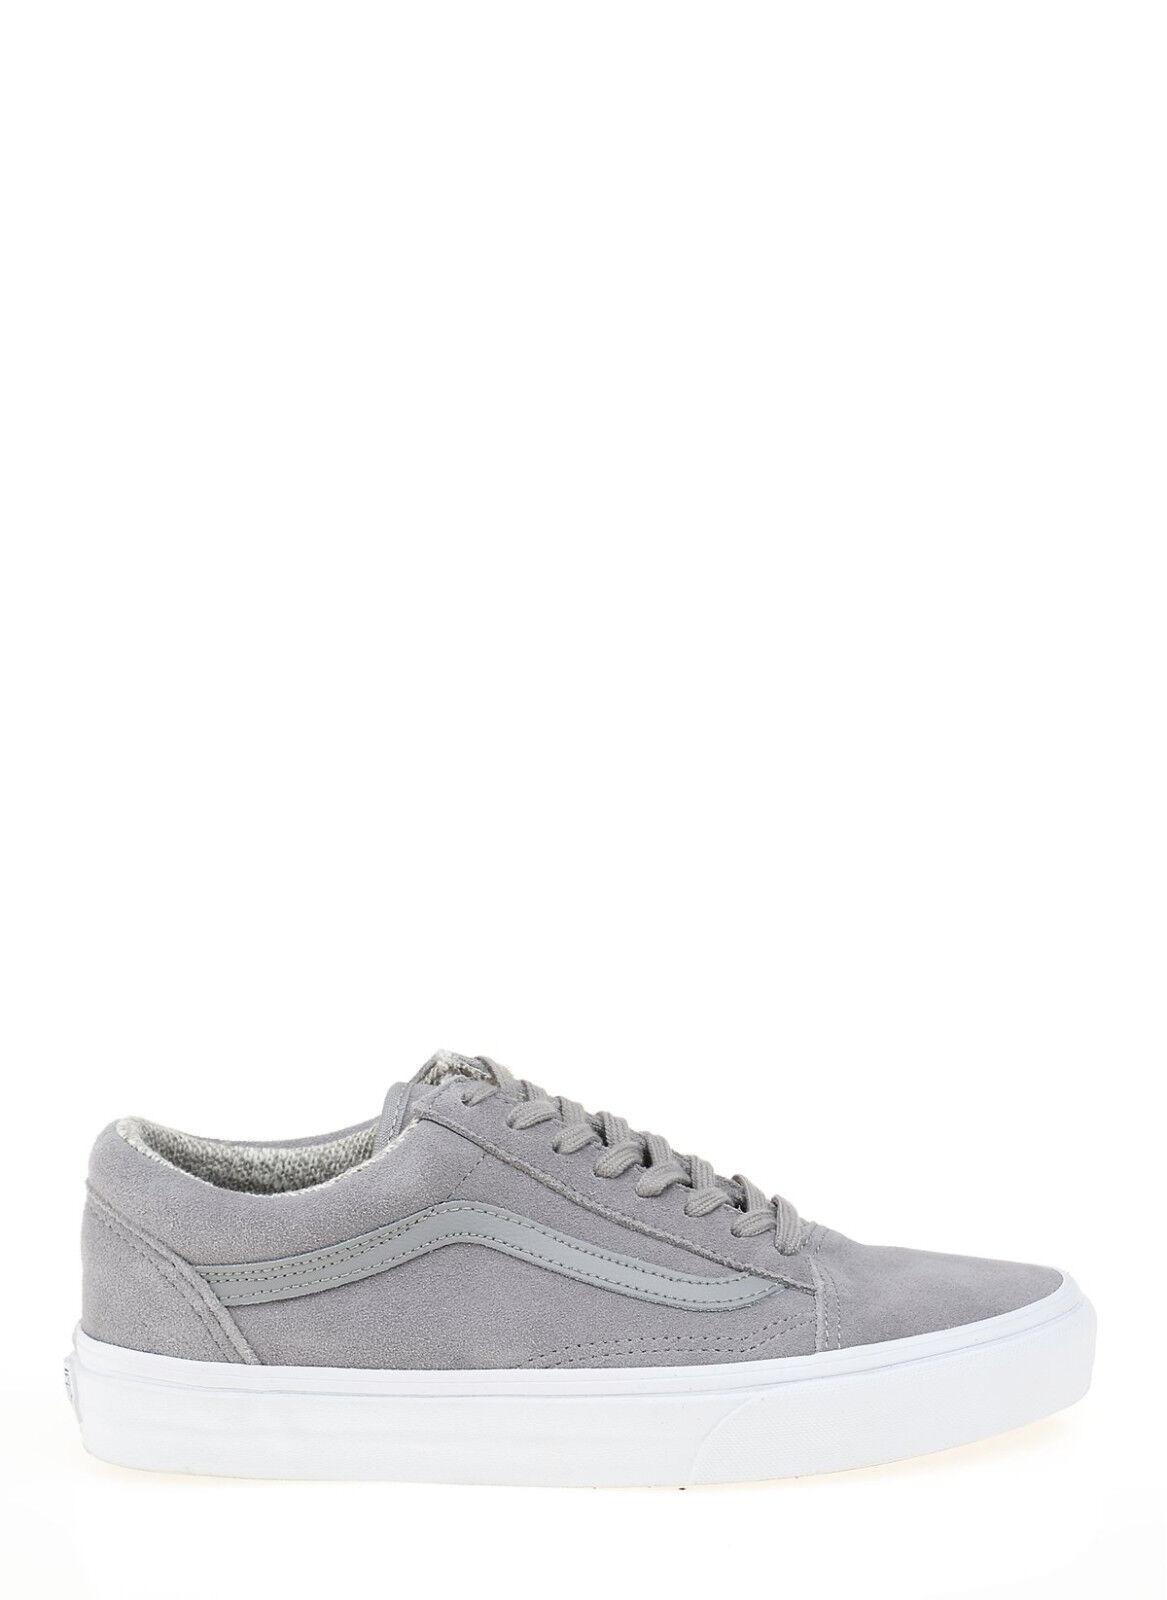 Scarpe skater Vans Old Skool white gray true white Skool 655173